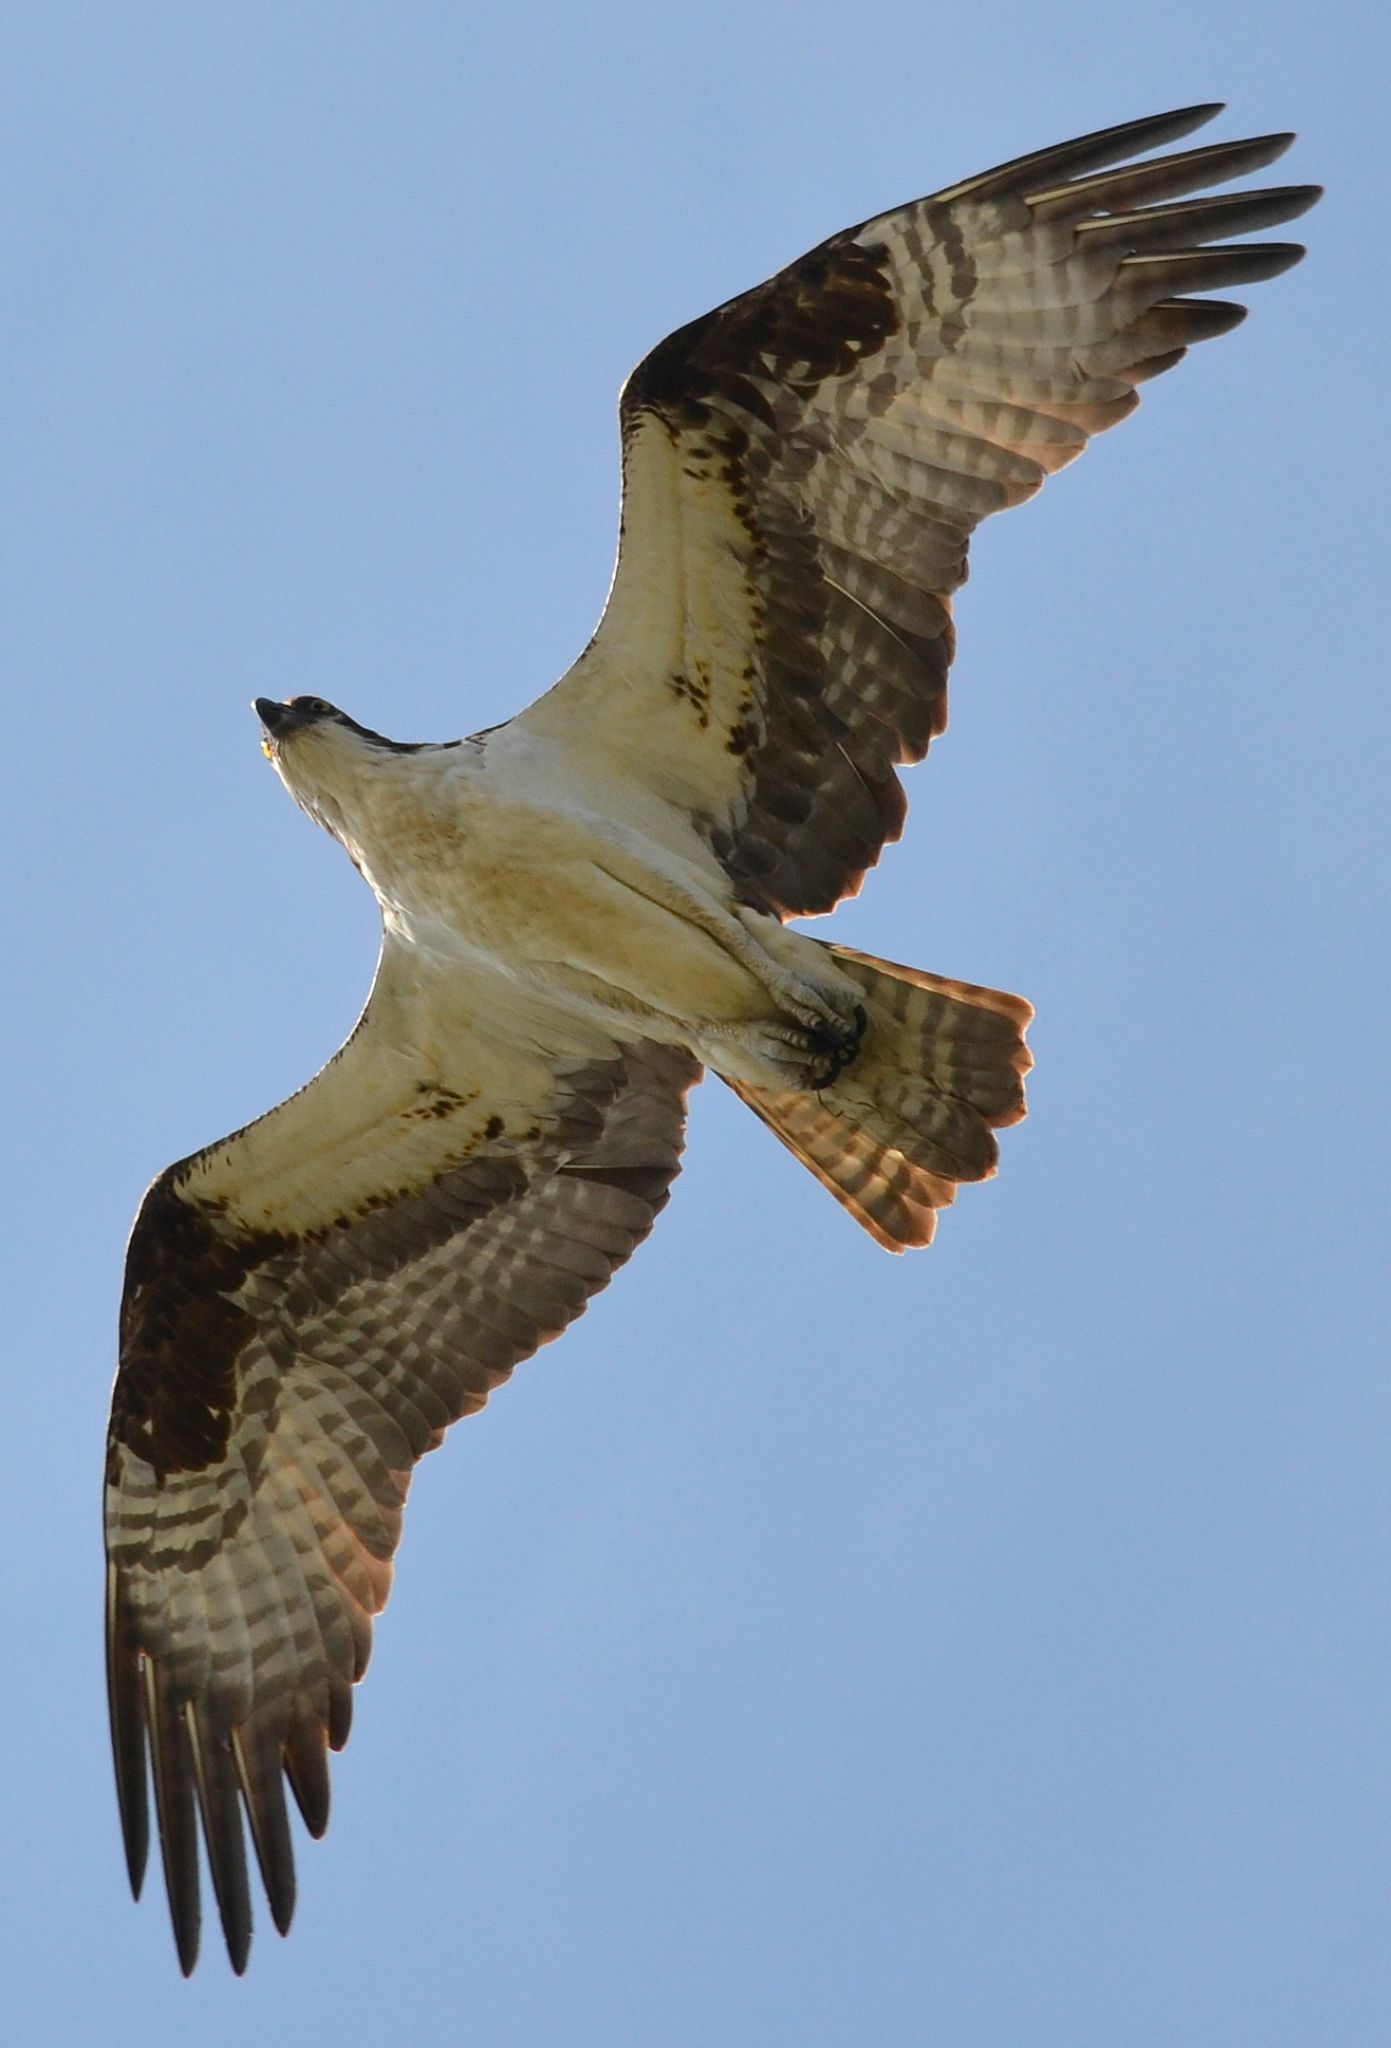 osprey fly 3333 by jetskibrian